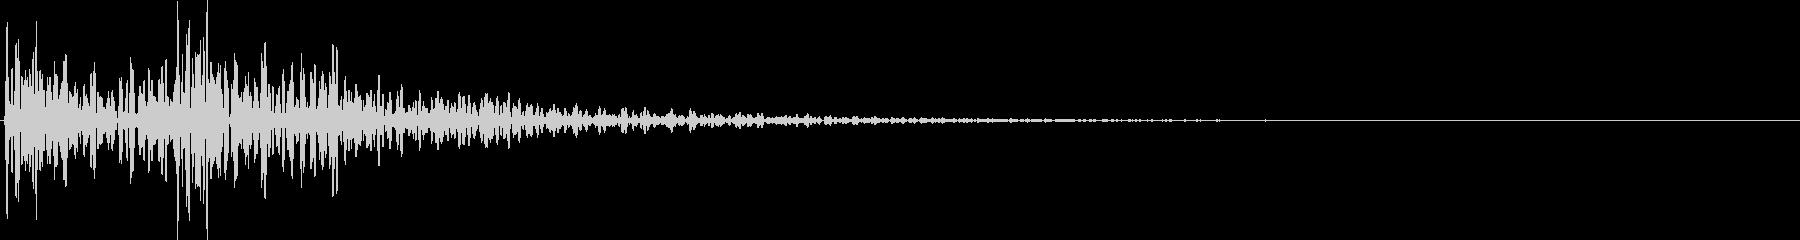 太鼓 決定音の未再生の波形